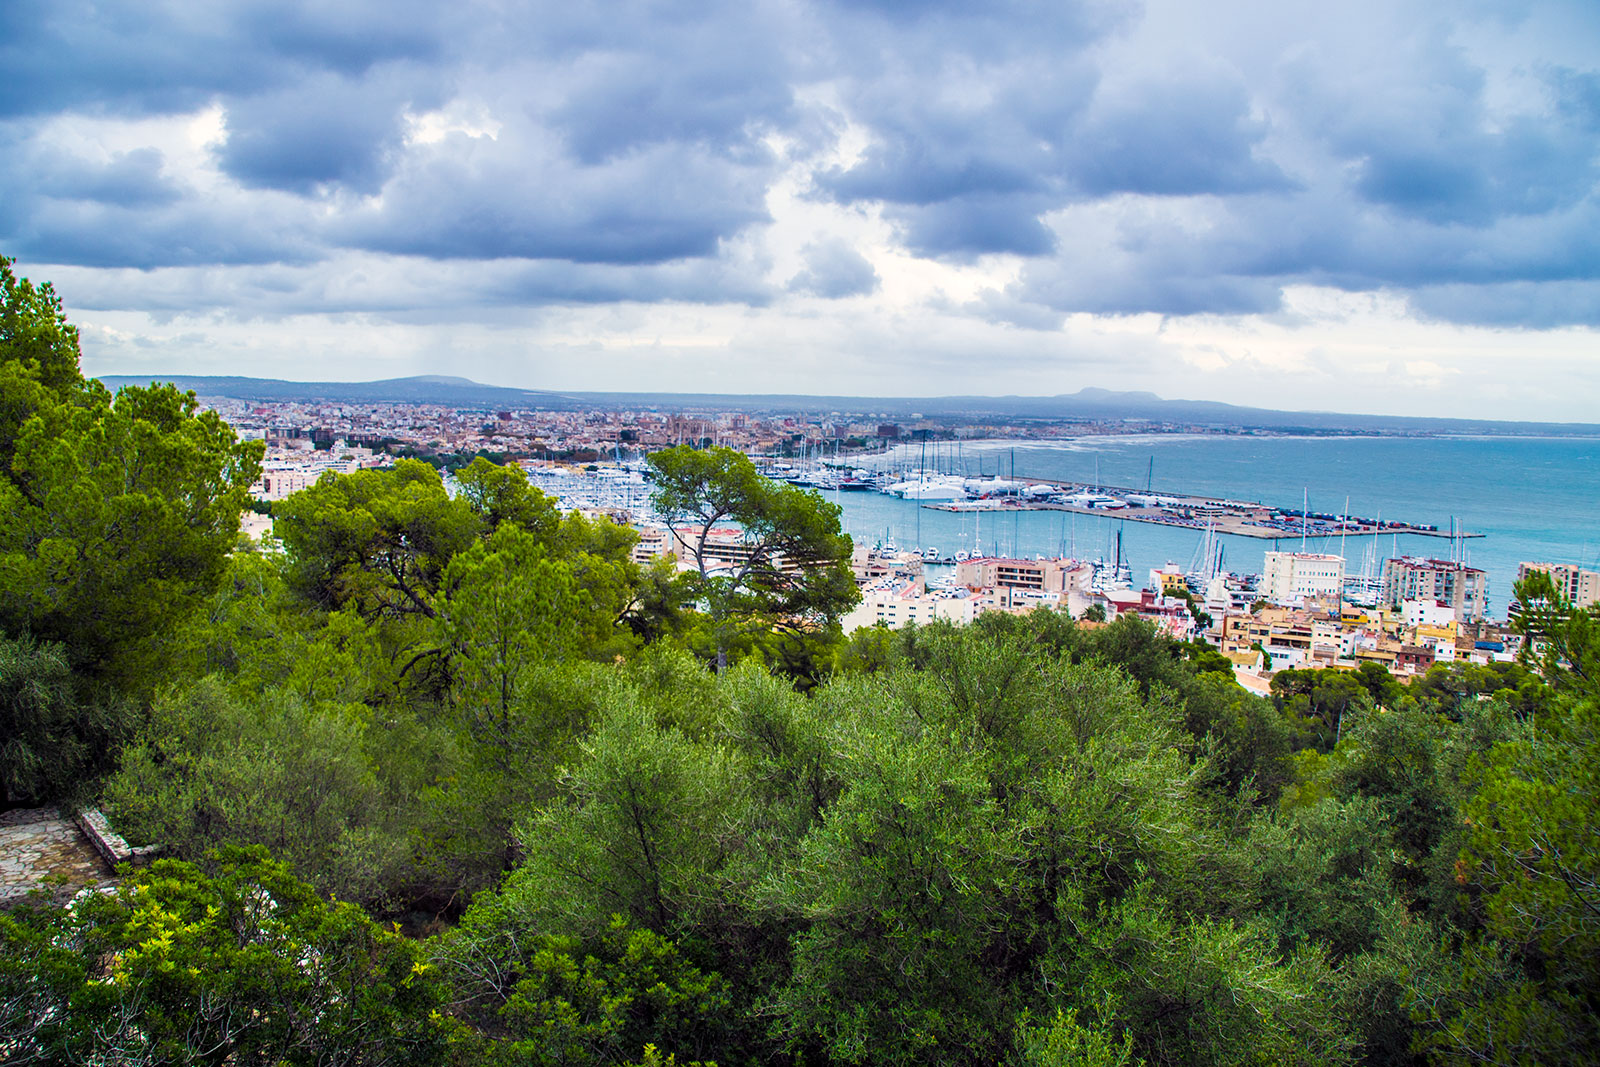 Vistas desde el castillo de Bellver - qué ver en Mallorca